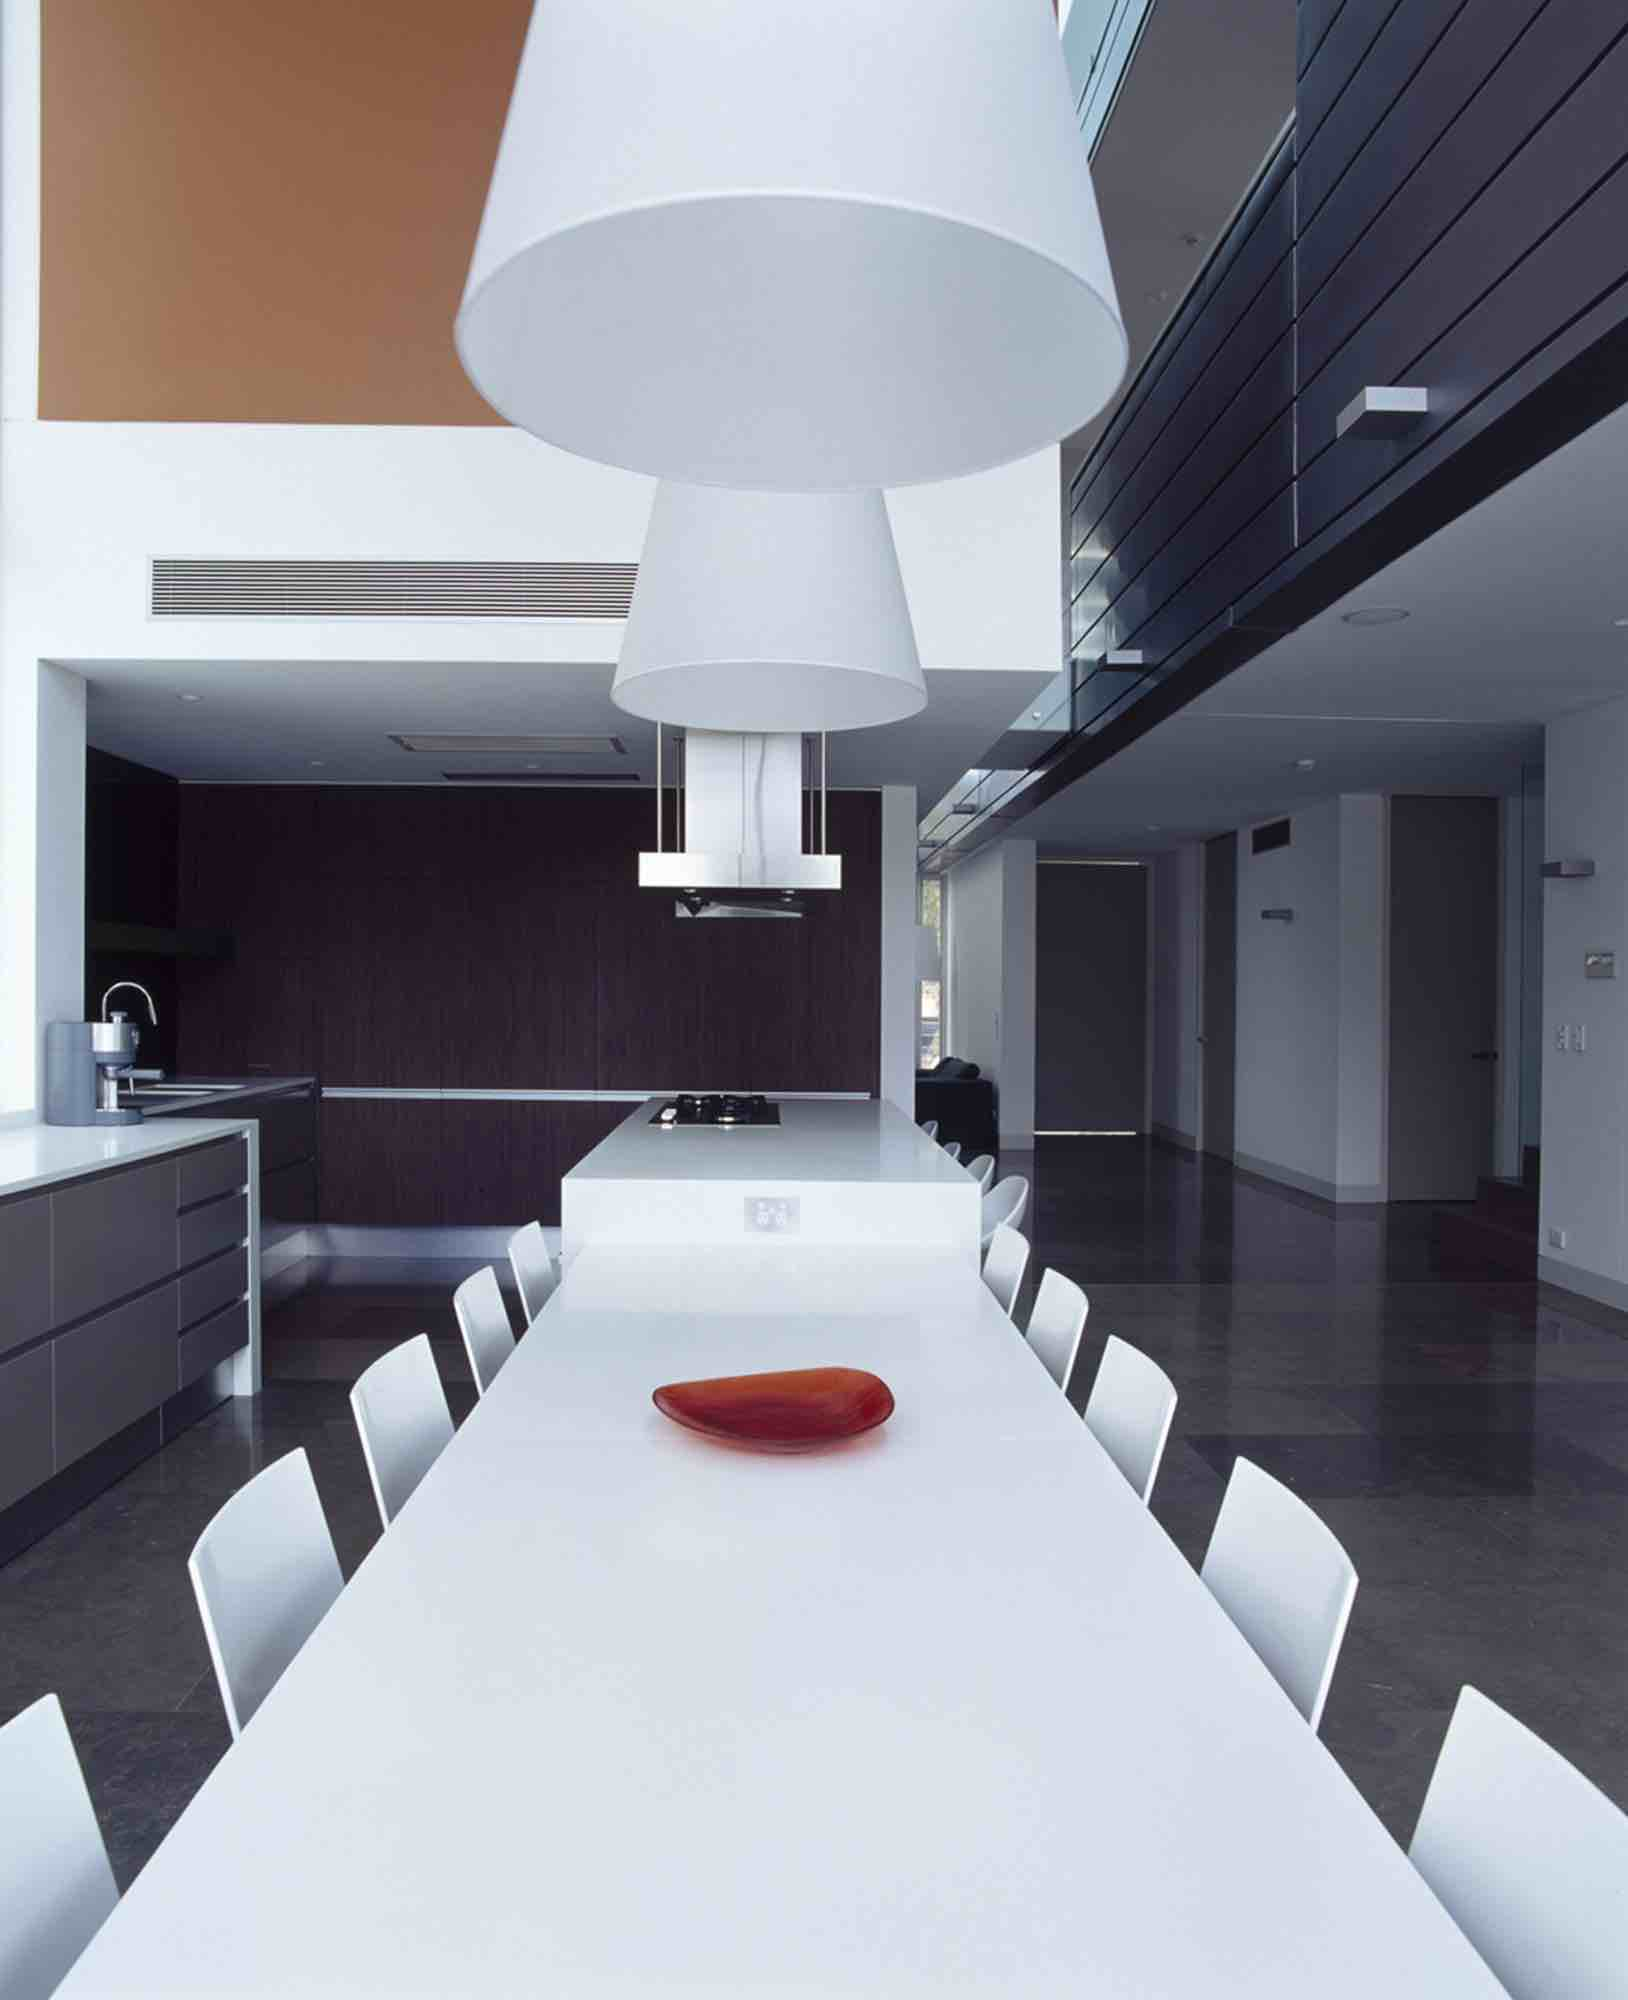 minosa-design-open-plan-high-ceiling-void-large-dinning-table-corian-benchtop-minosa-kitchen-gilda-08